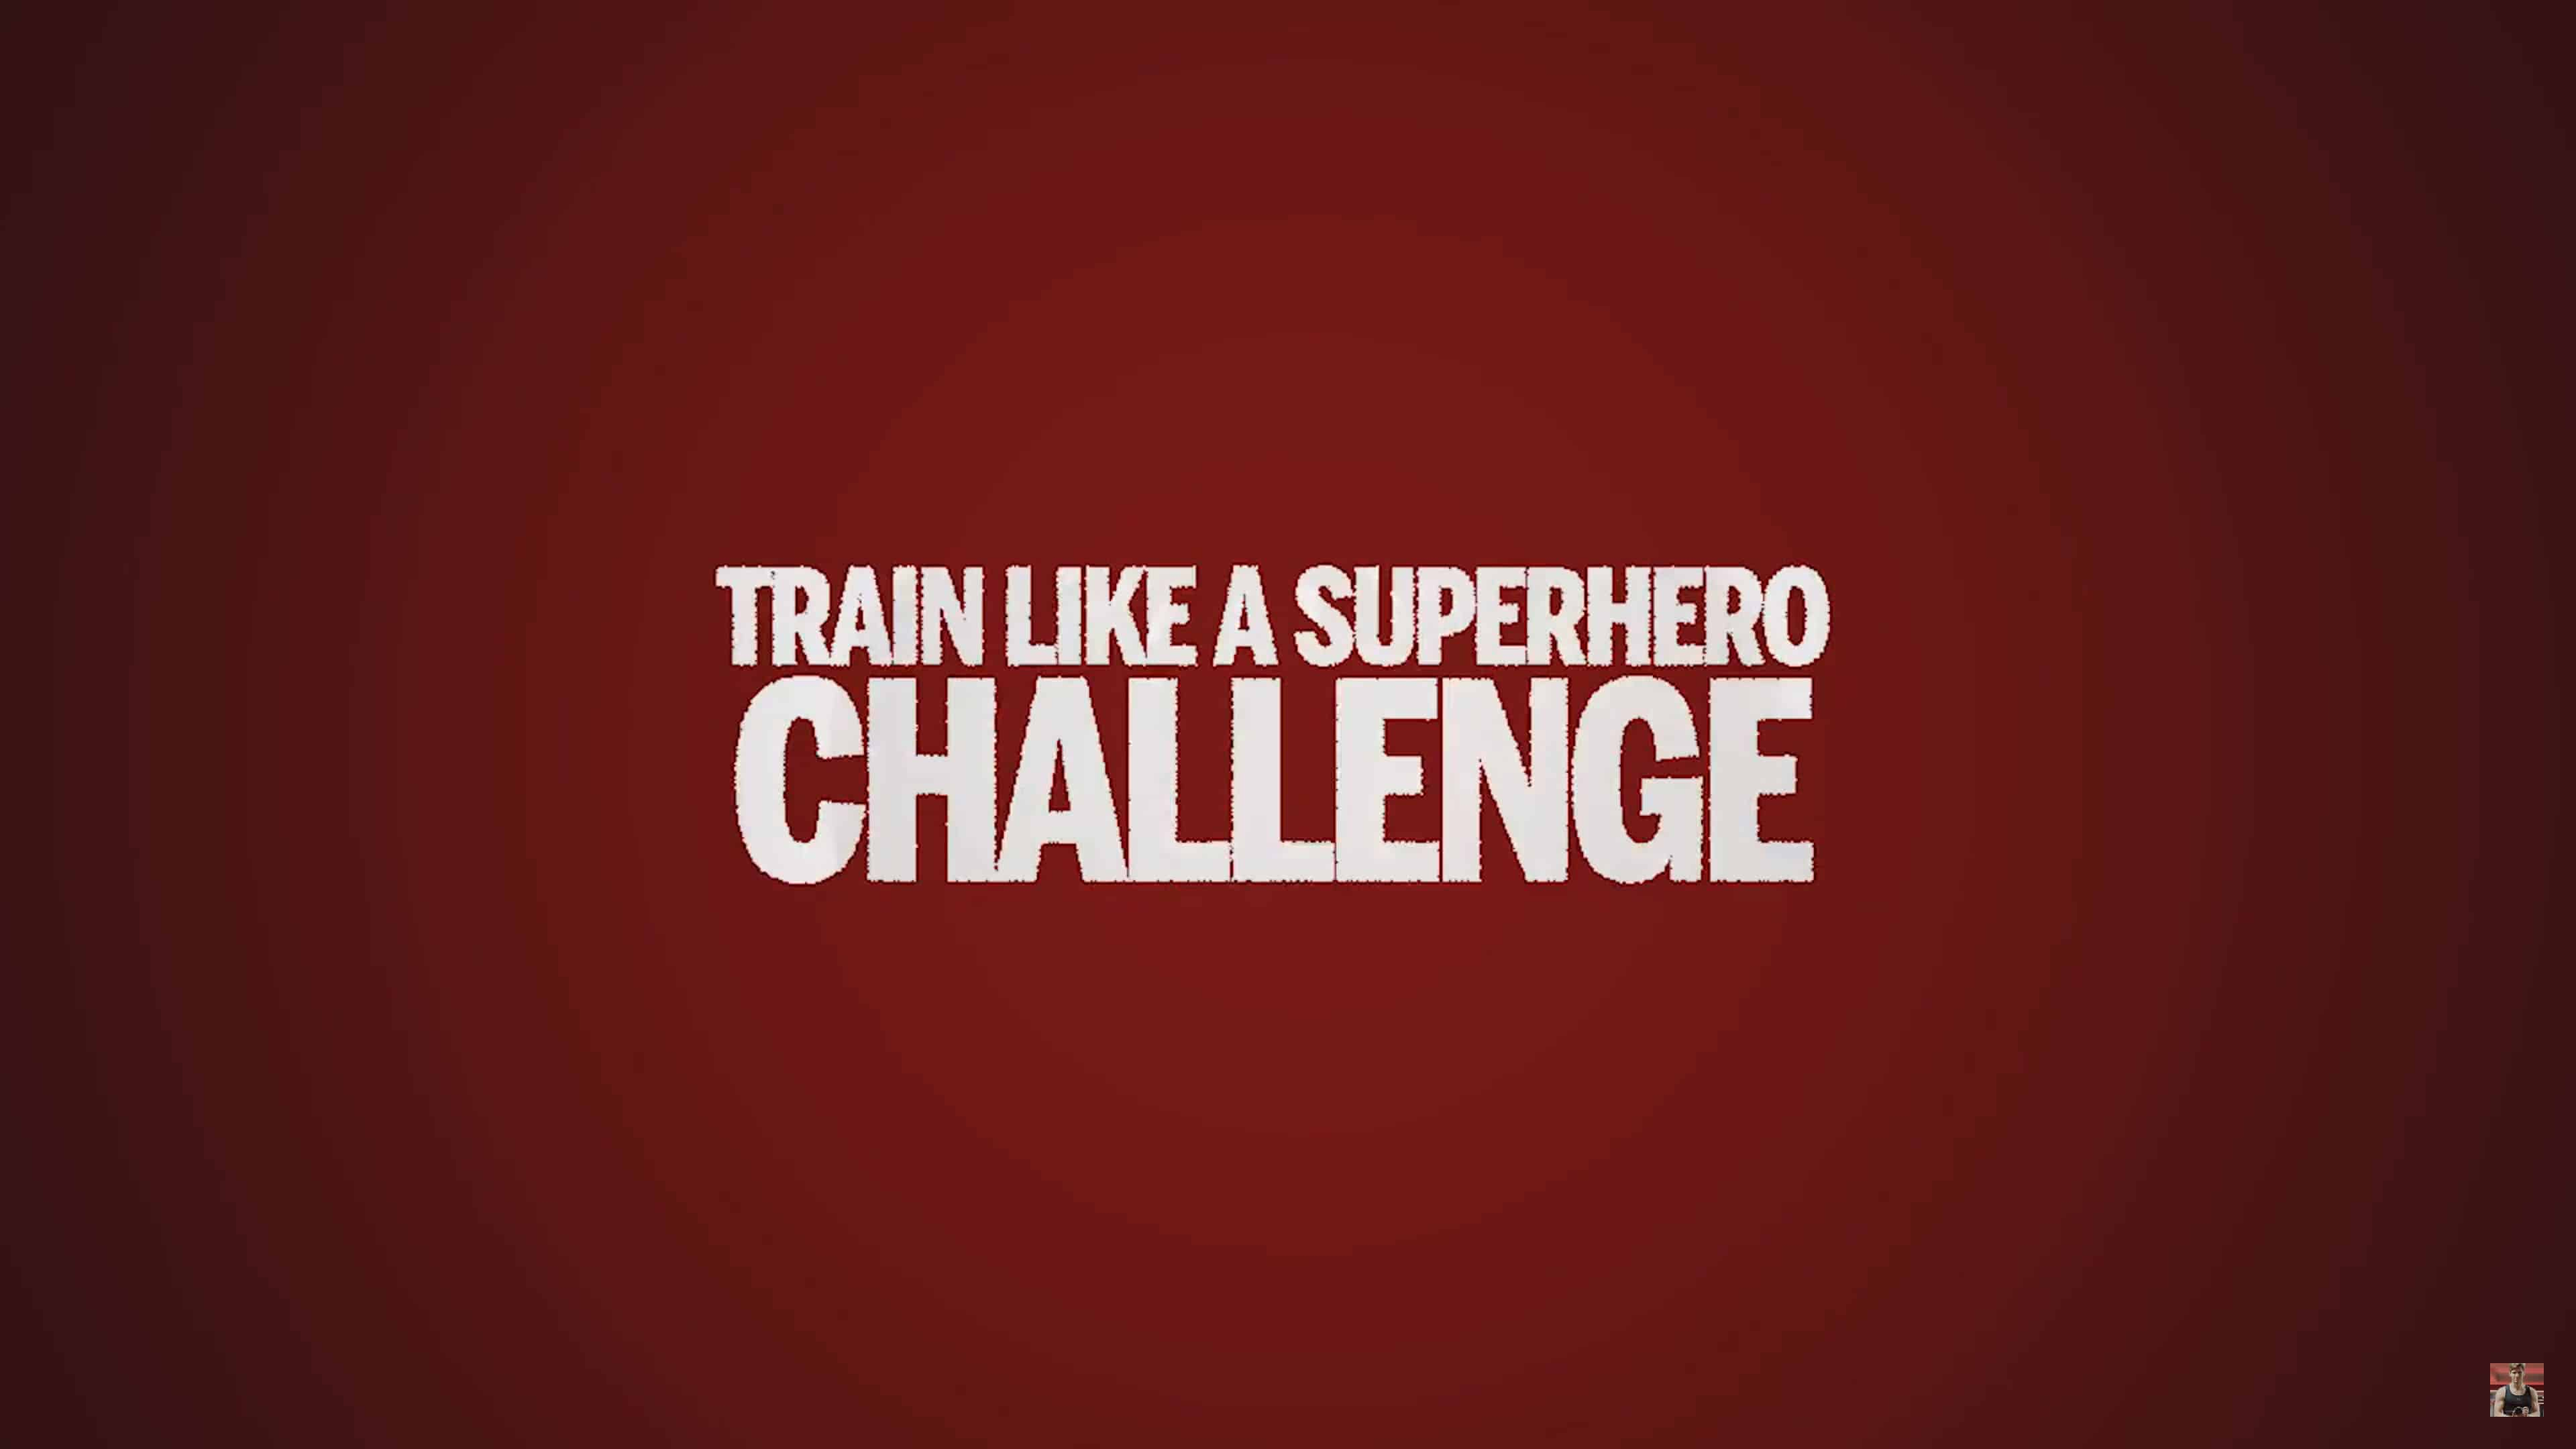 Train Like A Superhero Challenge